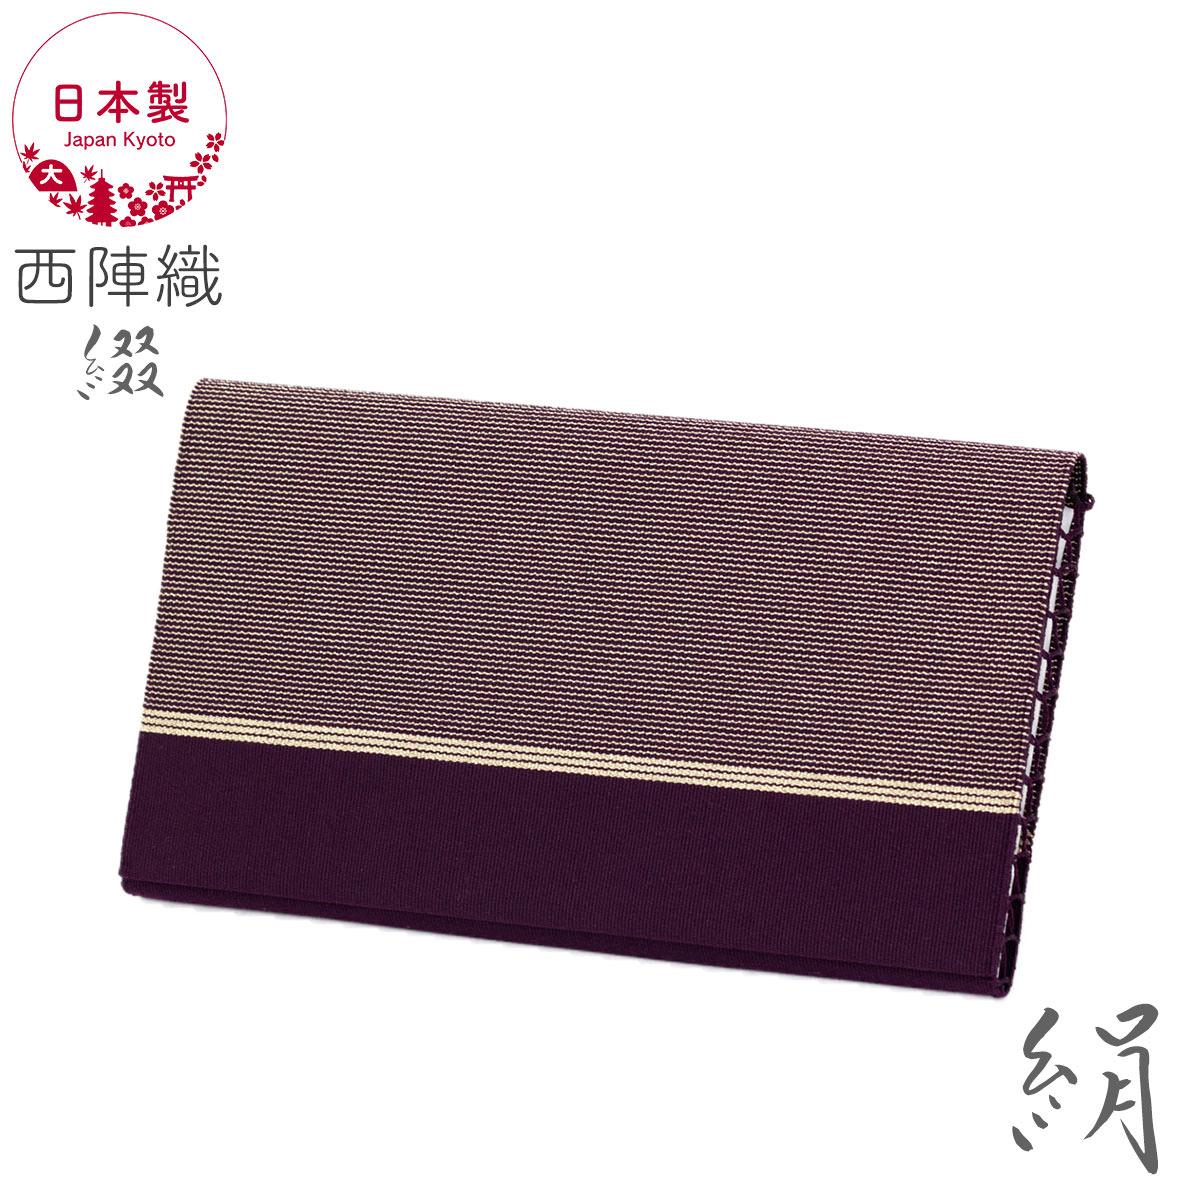 懐紙入れ 茶道具 日本製 西陣織 綴 絹100% 紫×金M